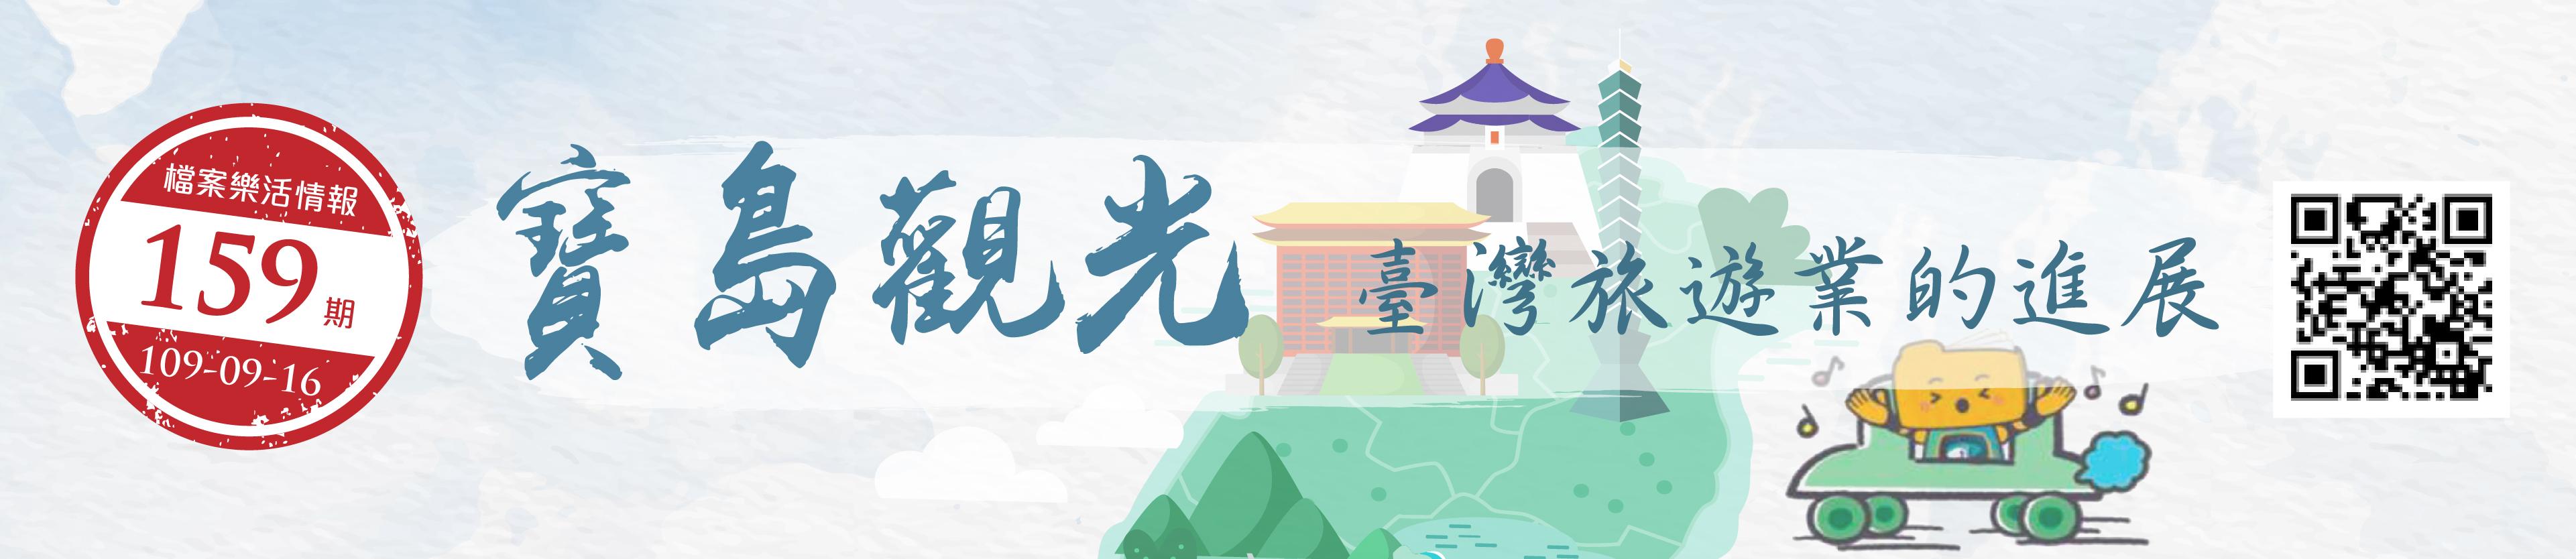 寶島觀光:臺灣旅遊業的進展